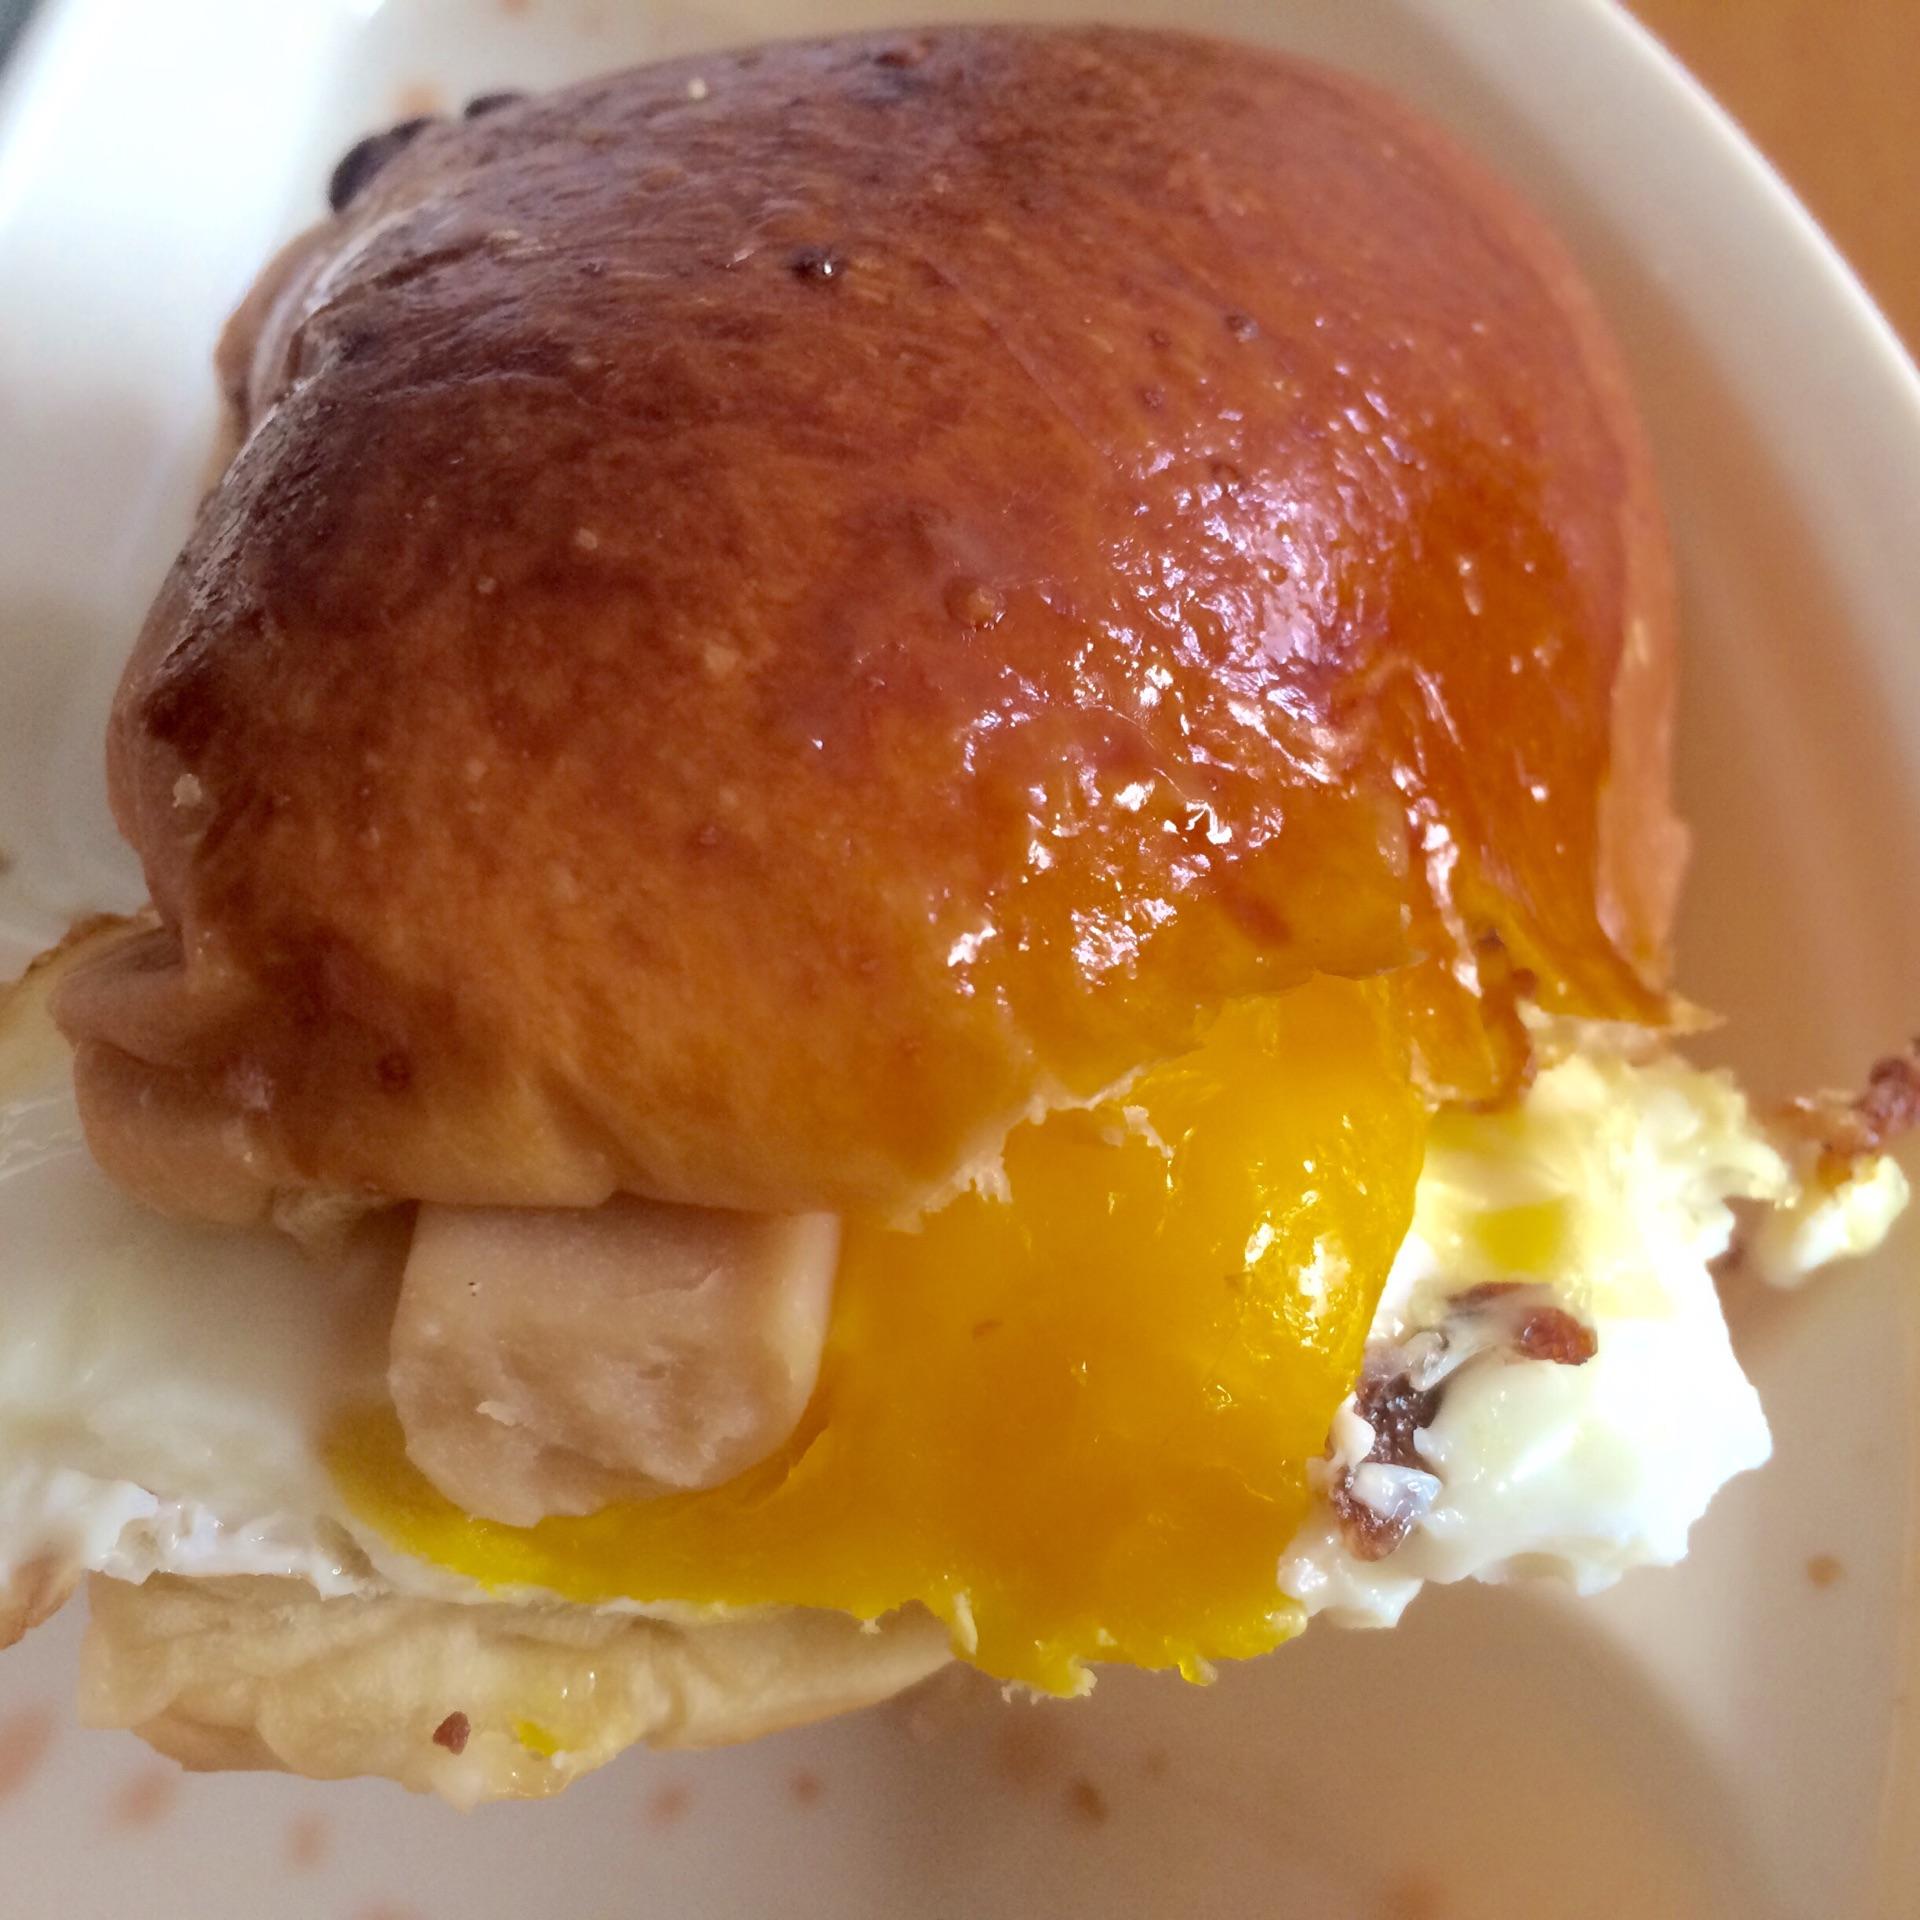 早餐包4个 鸡蛋4个 火腿2只 芝士适量 生菜4根 面包汉堡的做法步骤 小